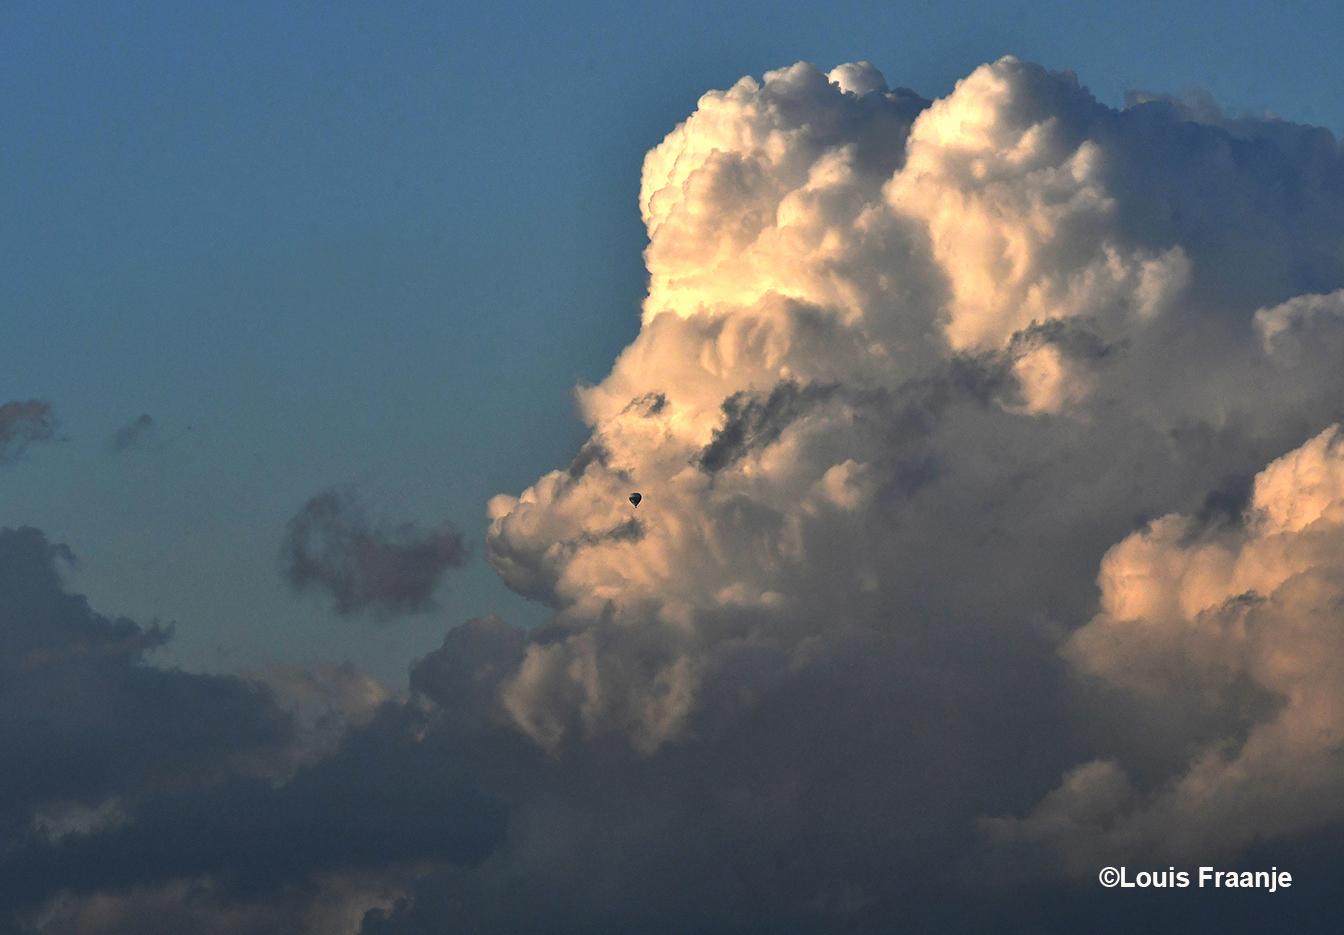 In de omgeving van zijn neus kwam een luchtballon voorbij varen - Foto: ©Louis Fraanje